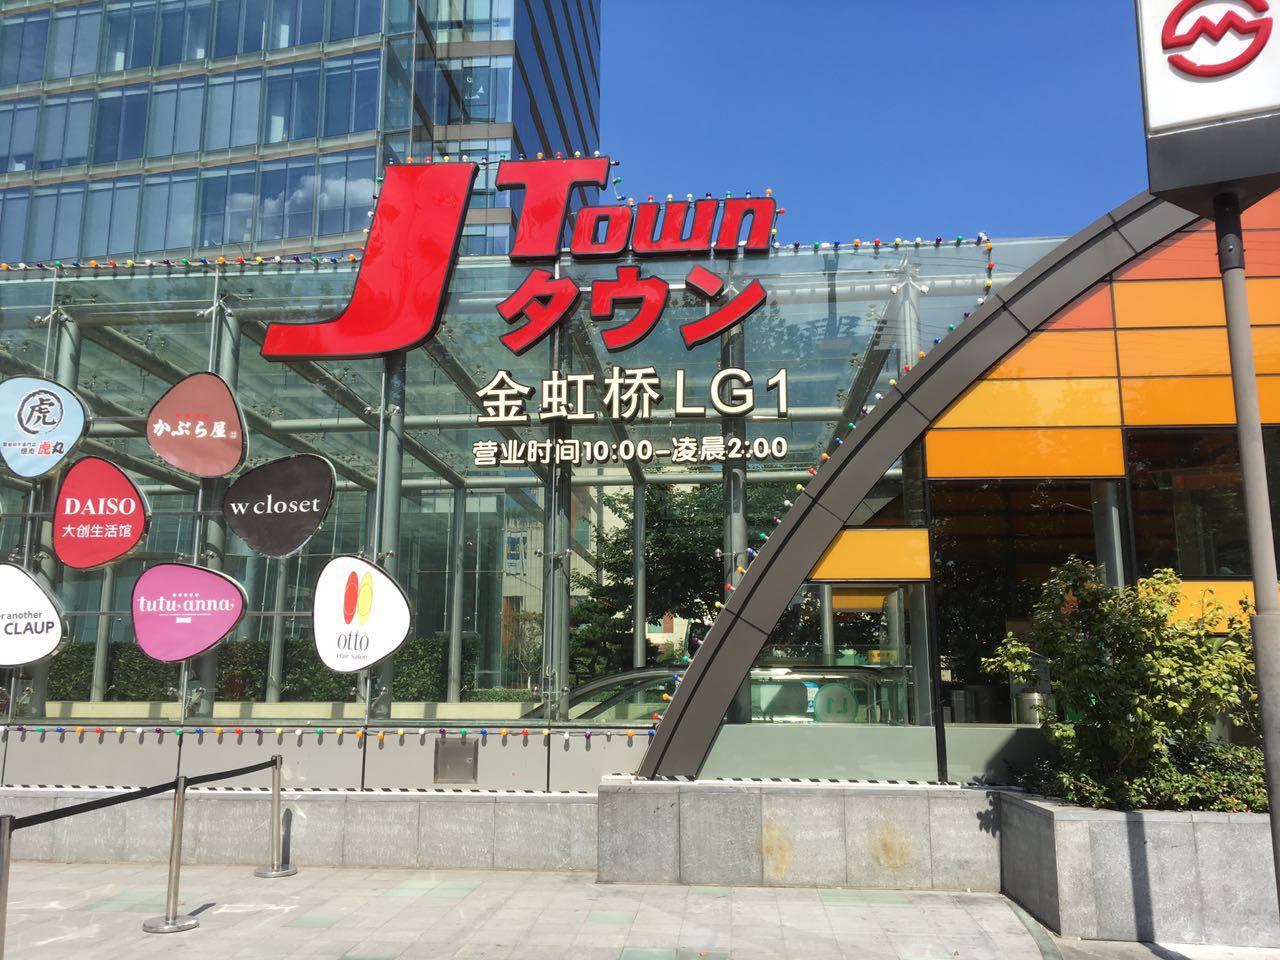 日本进口『食品连锁超市』成功上线管家婆分销ERP V3+...